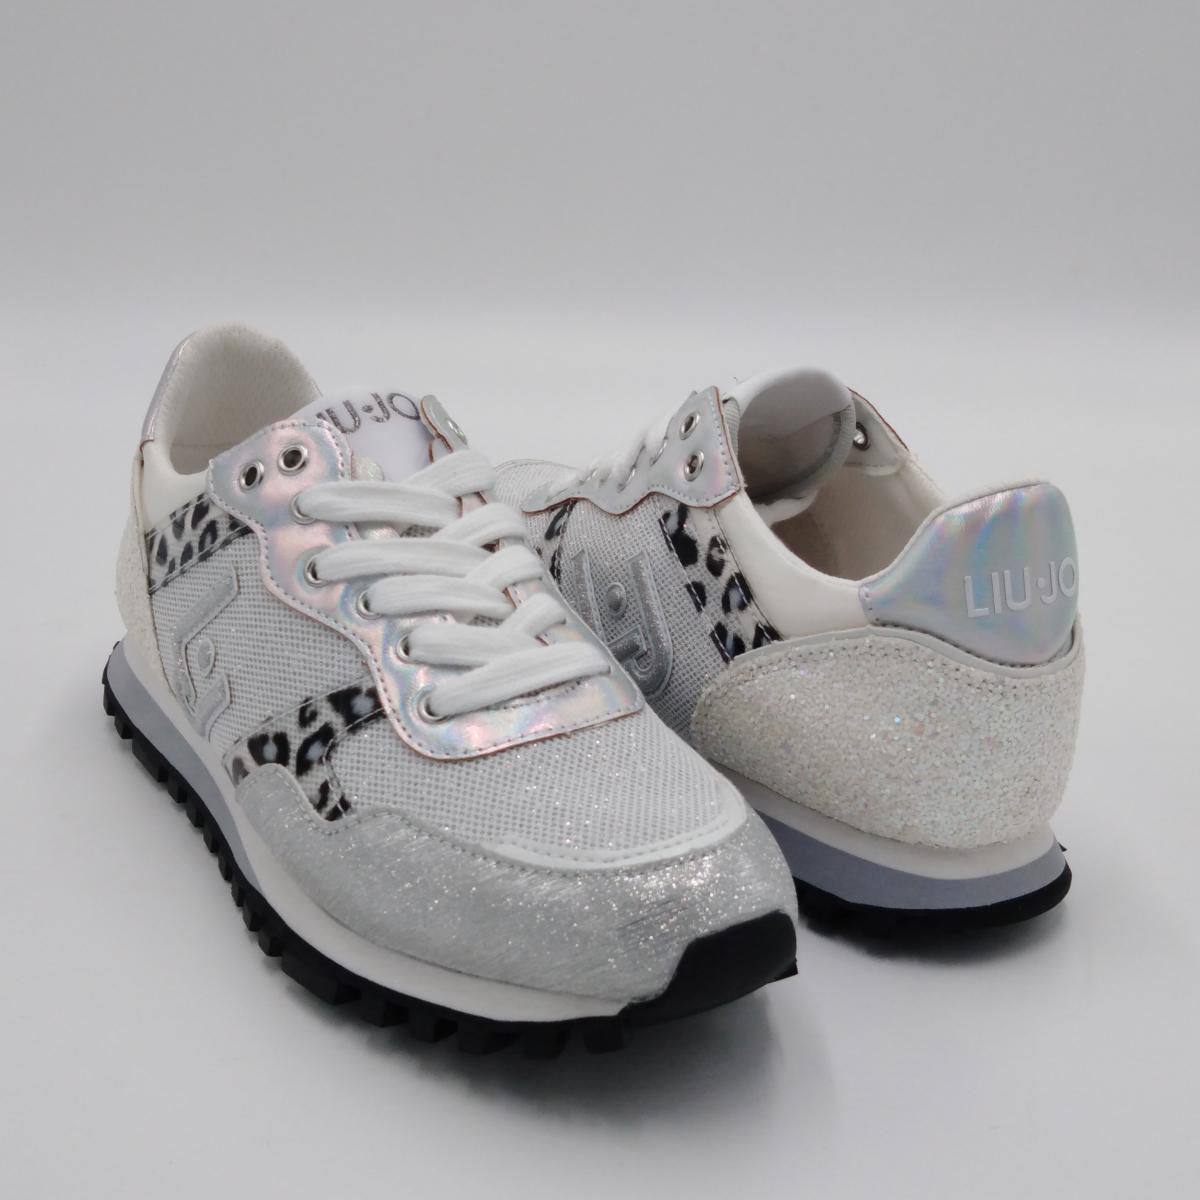 Liu Jo Wonder 42 -Sneaker...